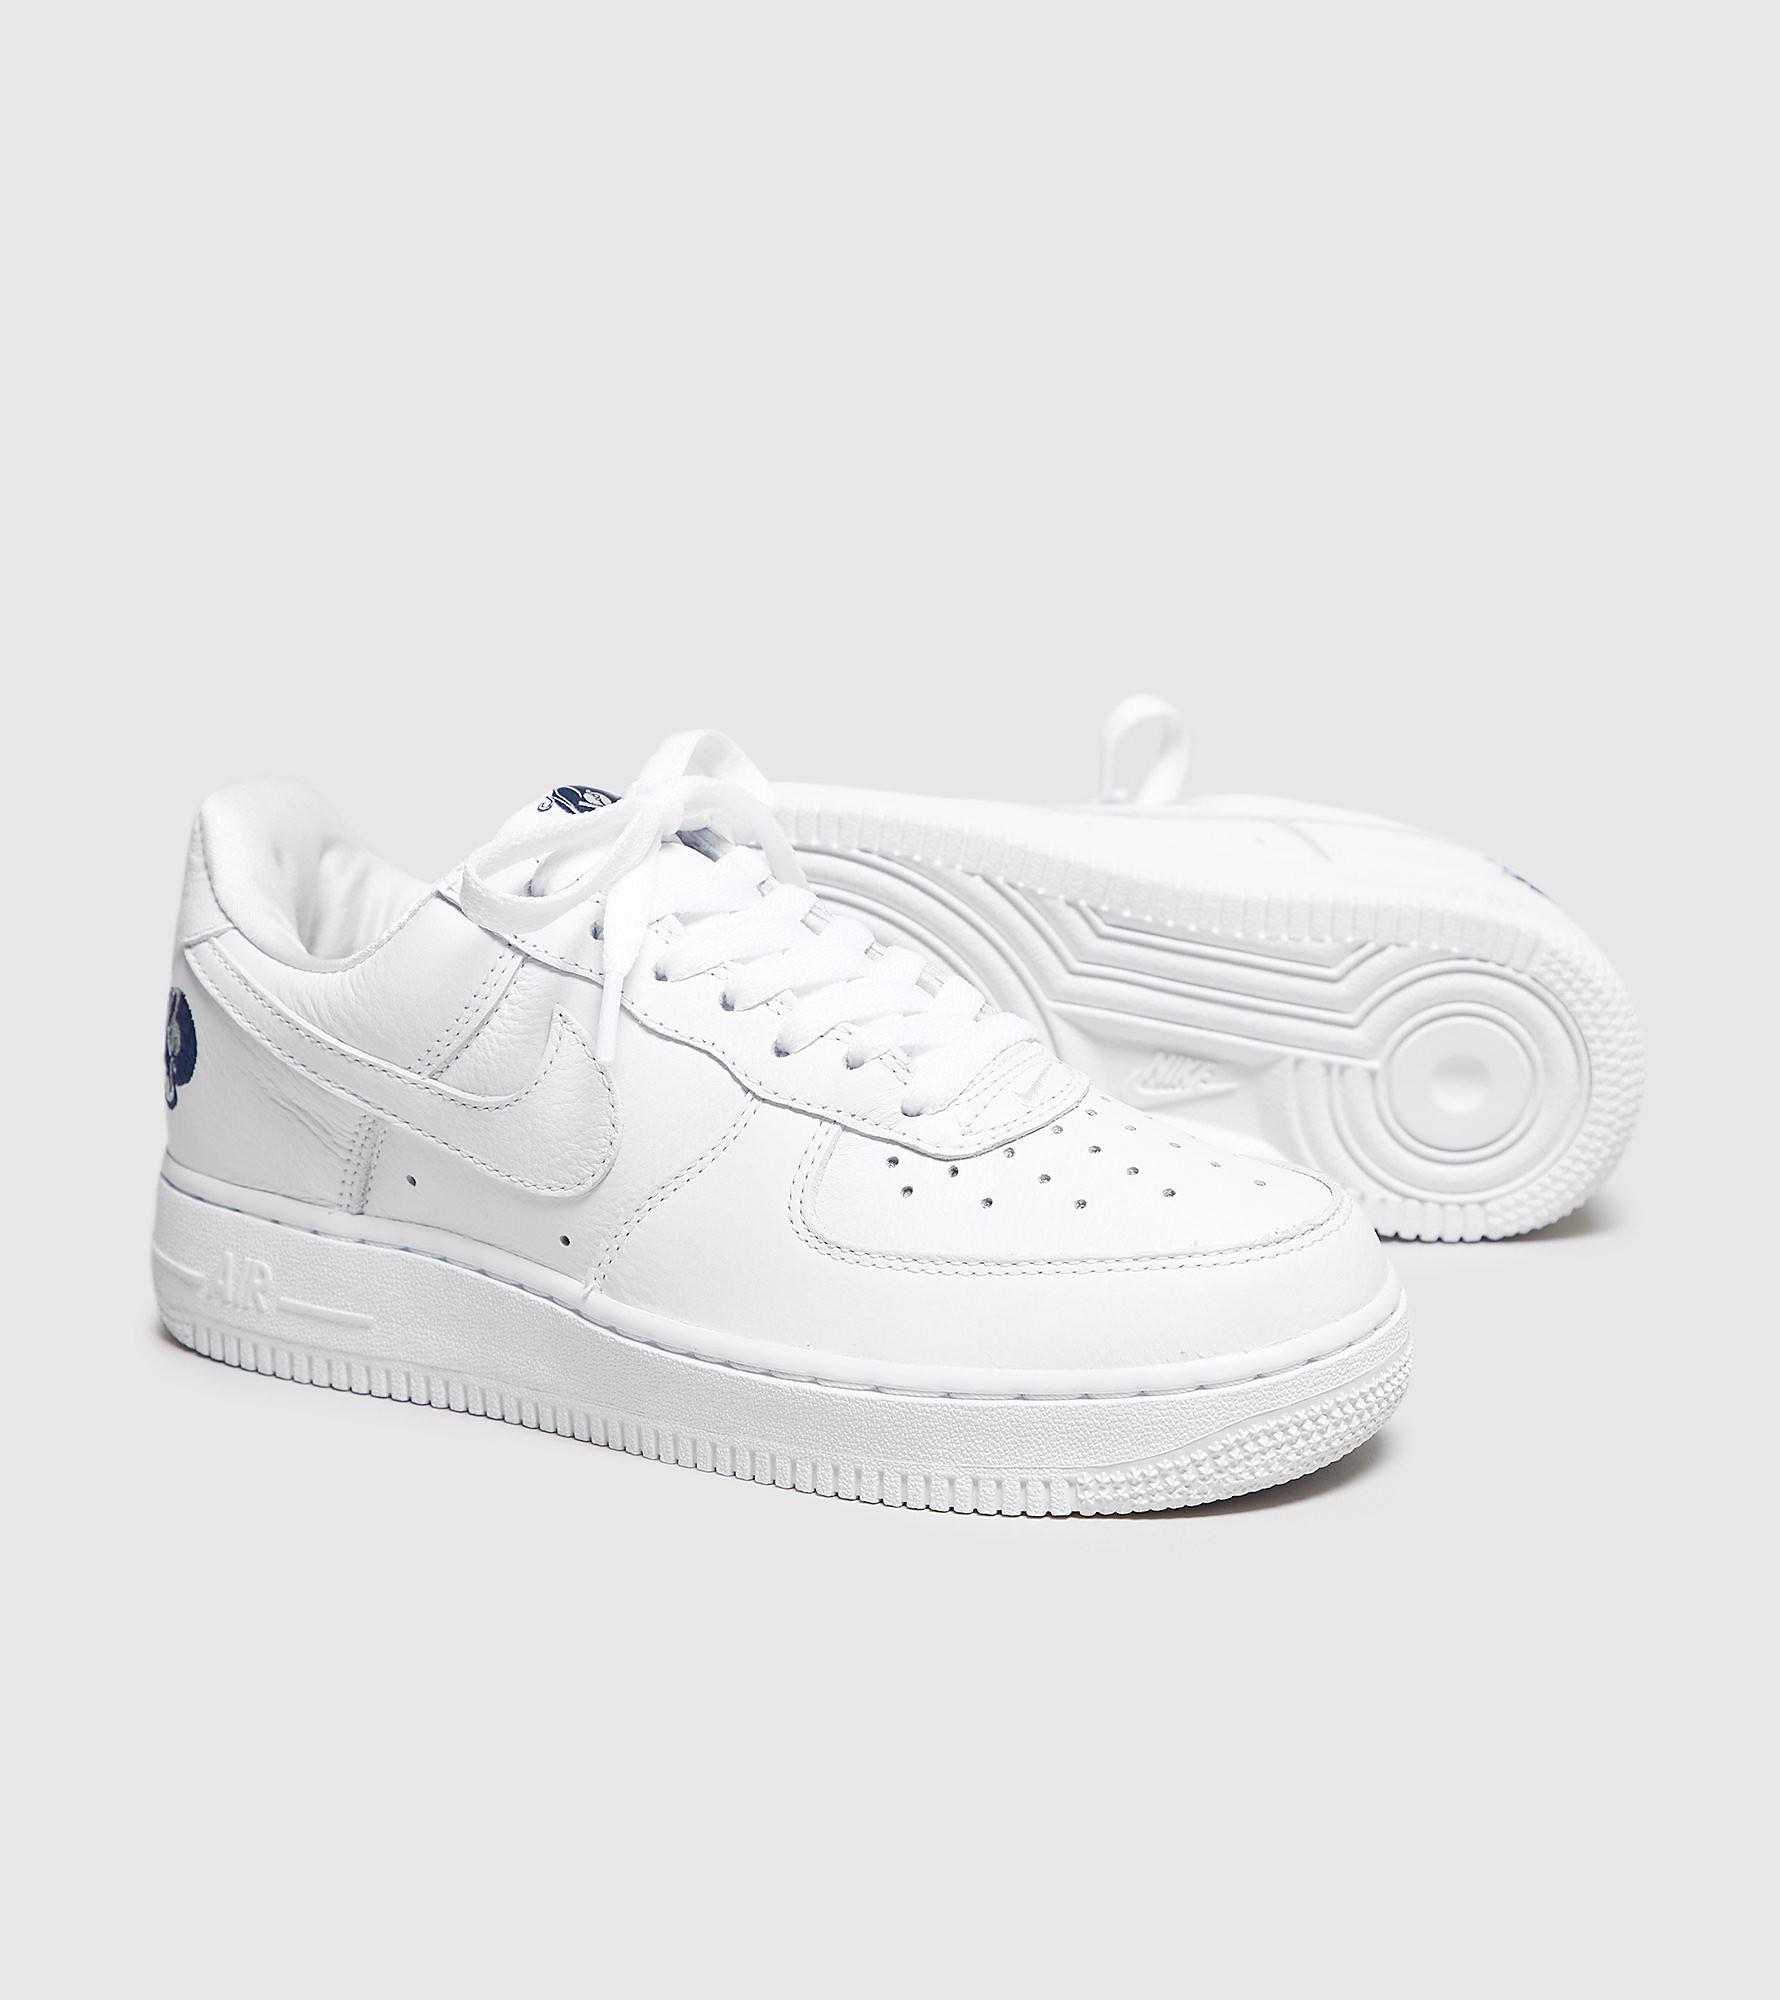 Nike Air Force 1 '07 Roc-A-Fella Dam